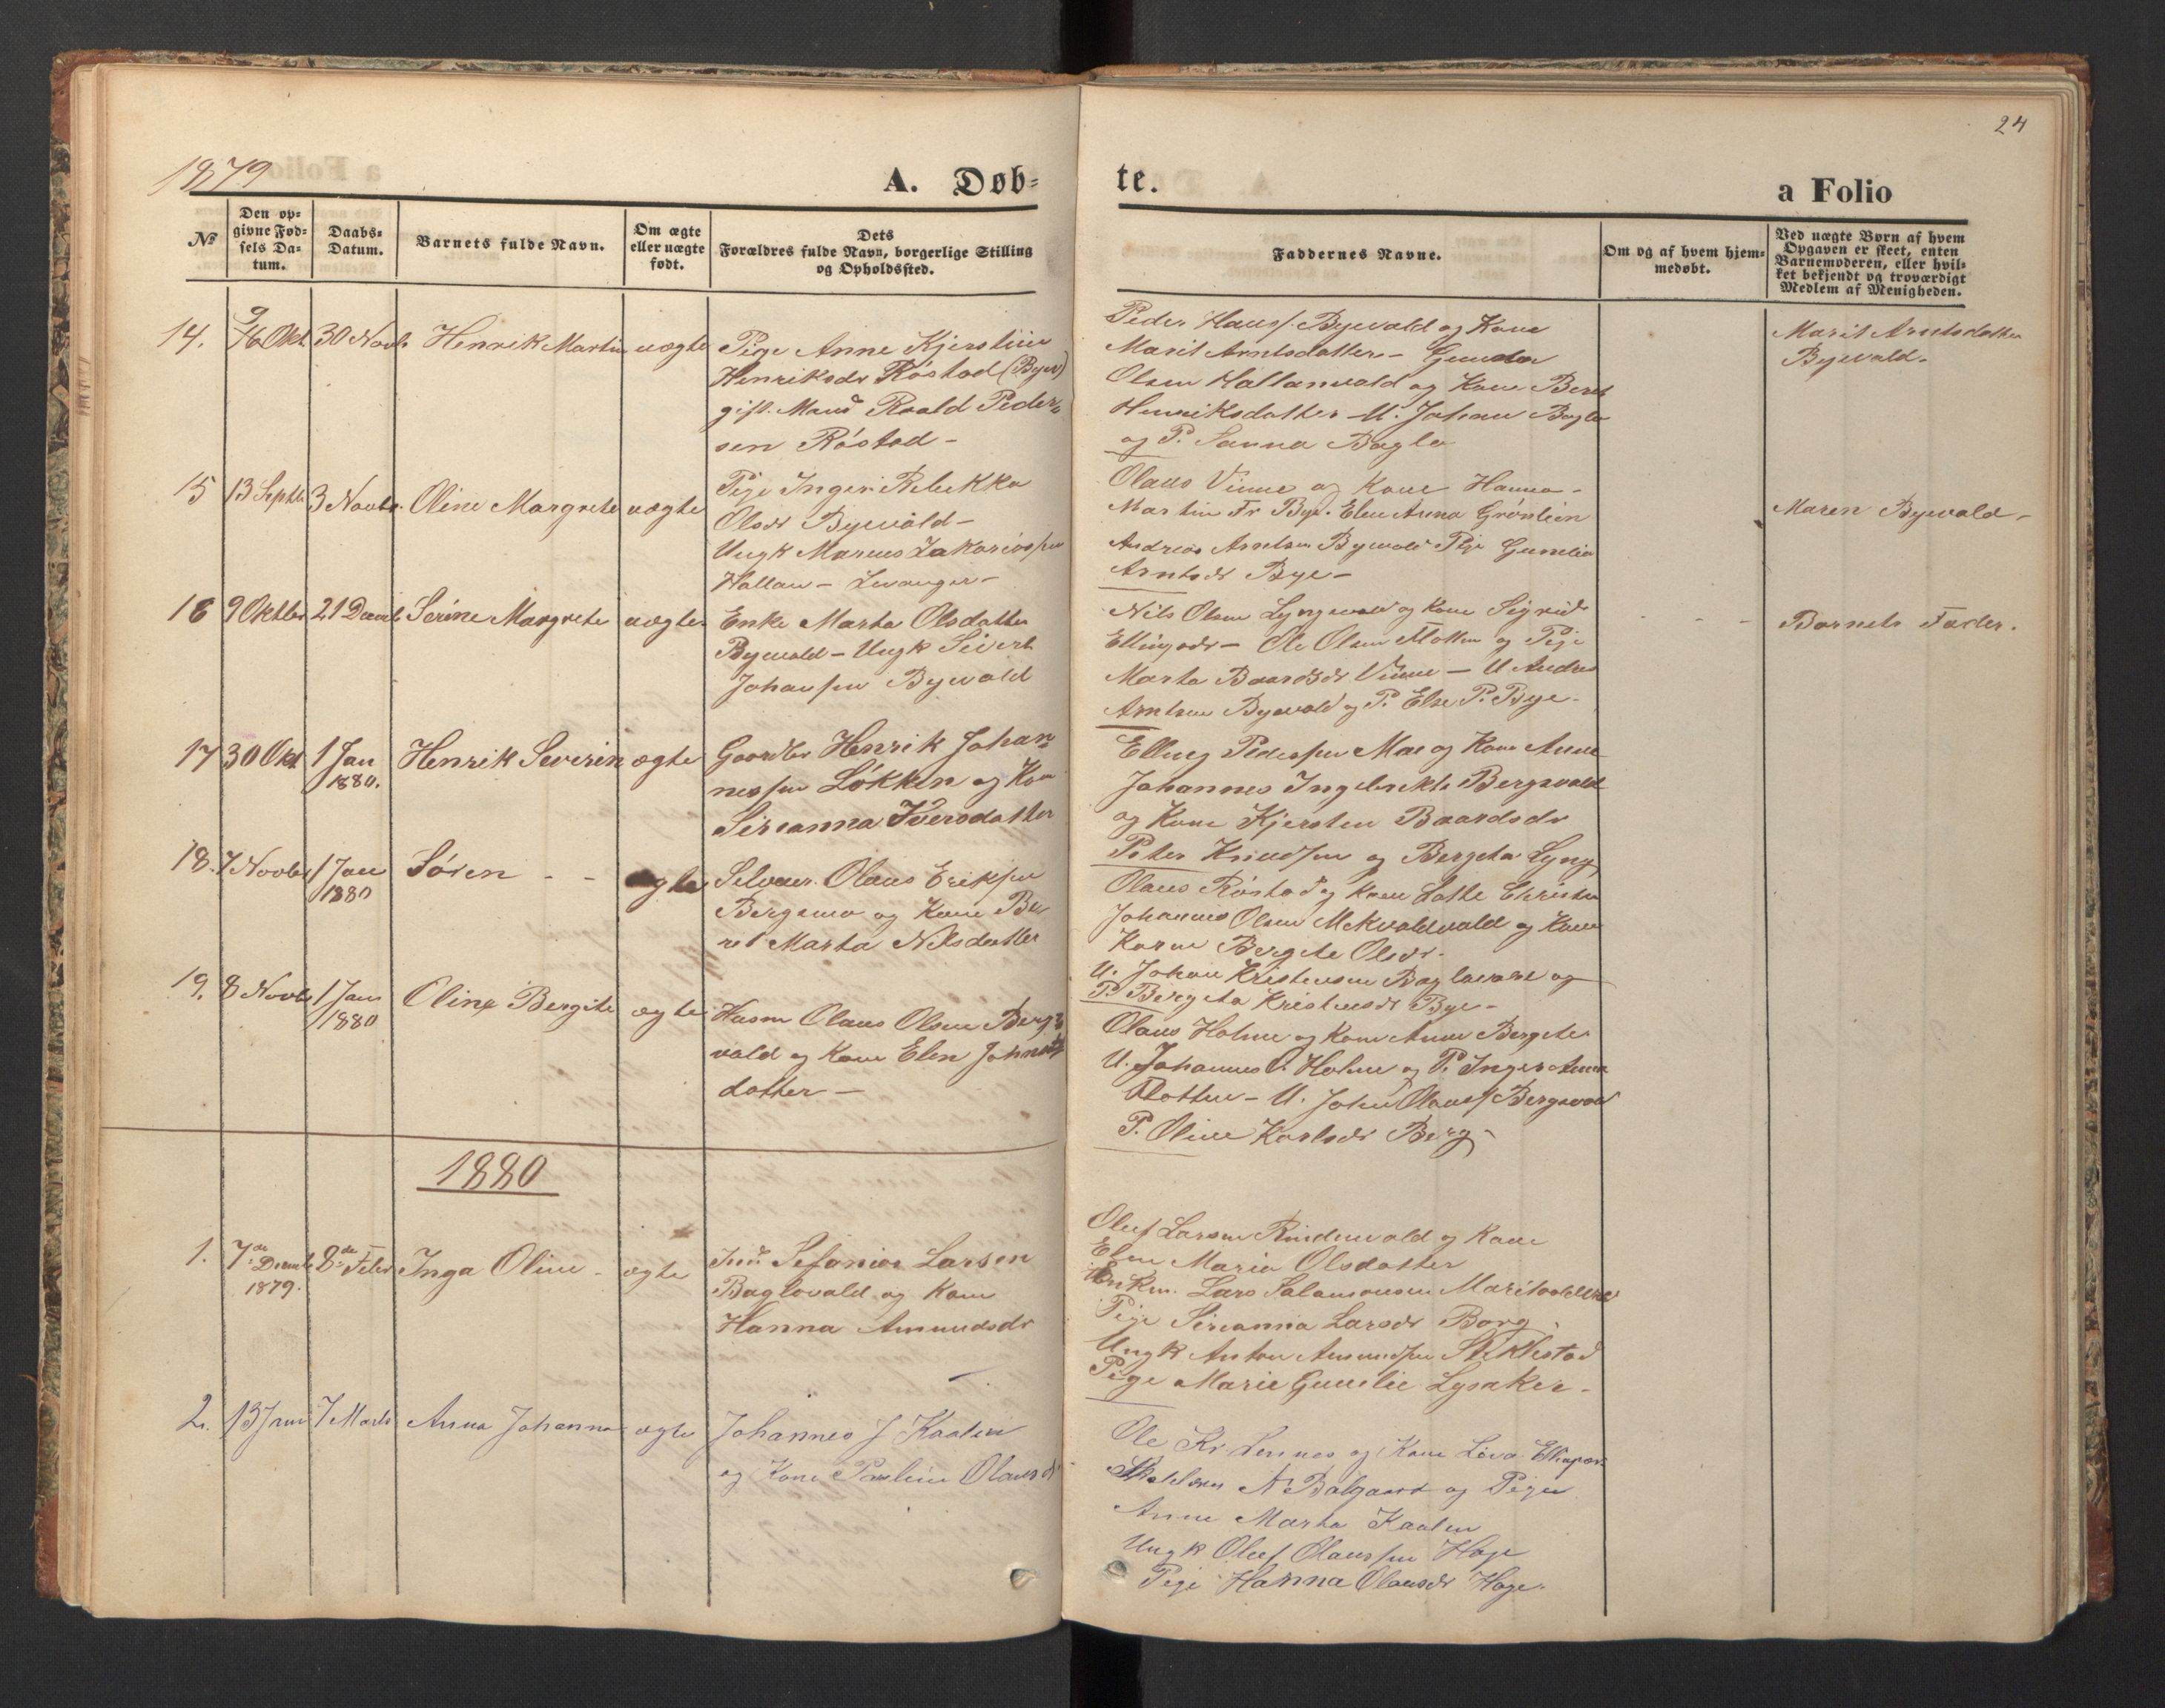 SAT, Ministerialprotokoller, klokkerbøker og fødselsregistre - Nord-Trøndelag, 726/L0271: Klokkerbok nr. 726C02, 1869-1897, s. 24